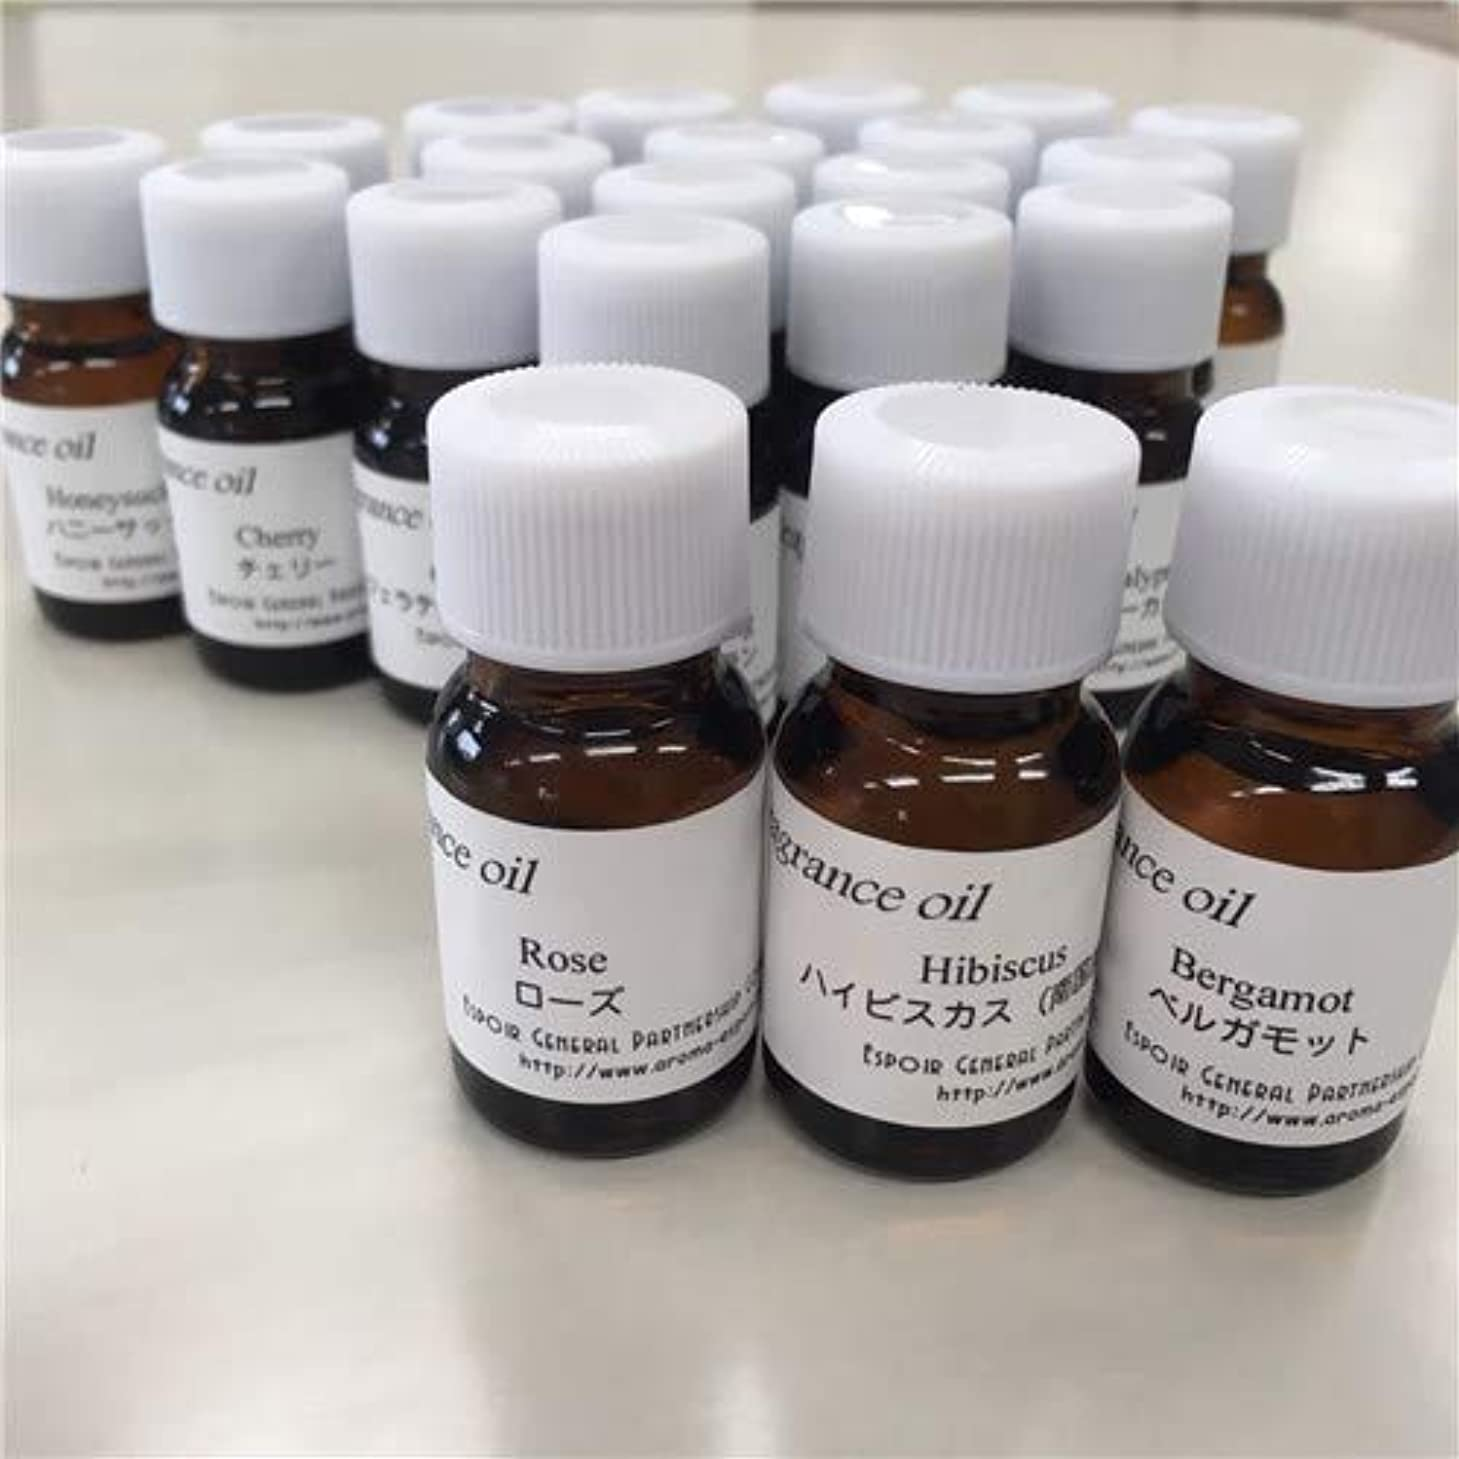 第五強打ピラミッド贅沢な香り フレグランスオイル 全28種 キャンドル アロマ (ハニーサックル)